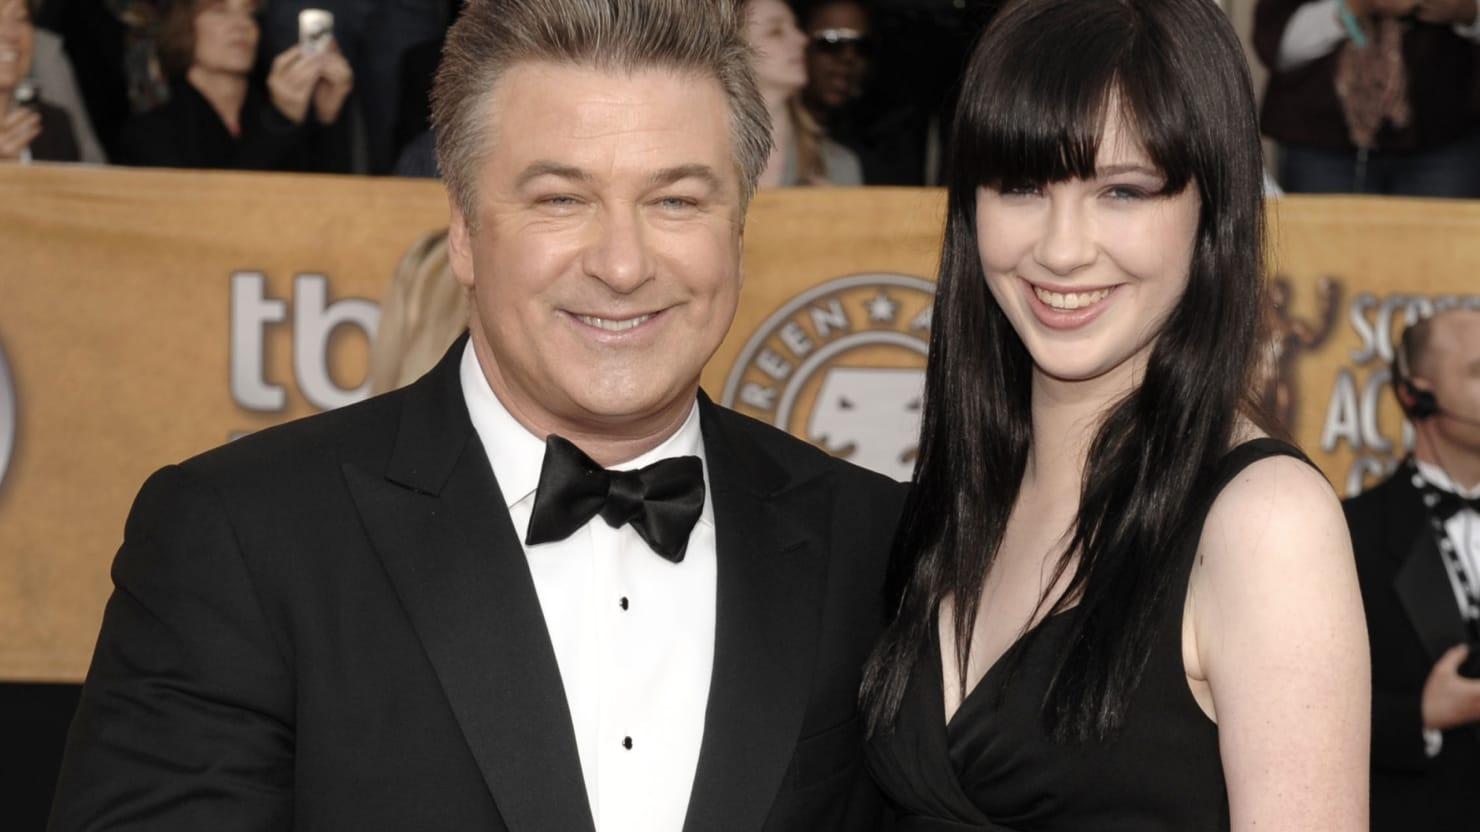 Meet Alec Baldwin and Kim Basinger's Model Daughter ...